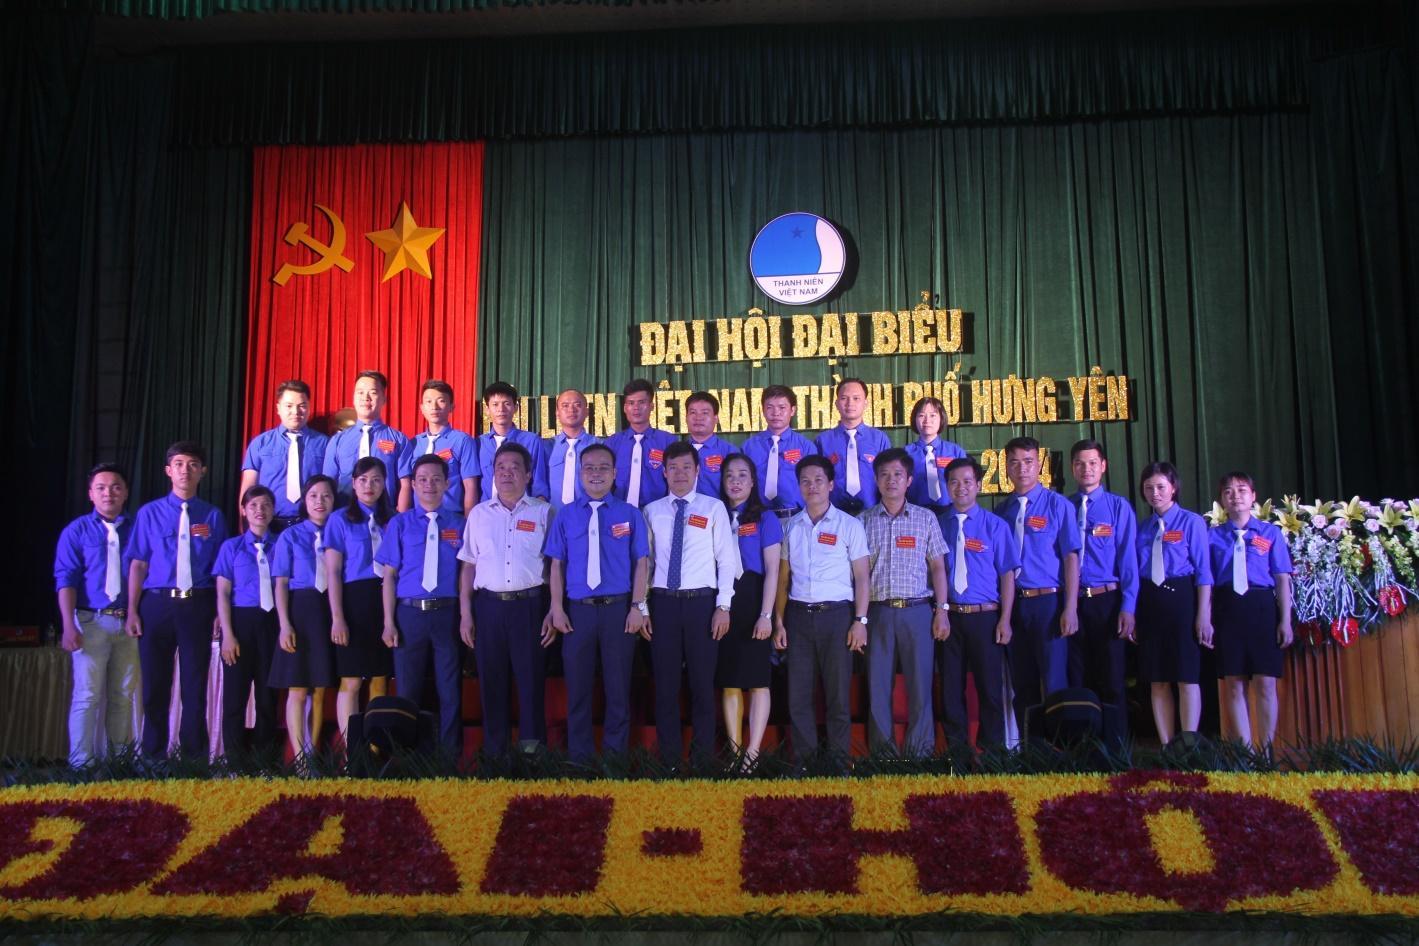 Đại hội đại biểu Hội liên hiệp thanh niên Việt Nam thành phố